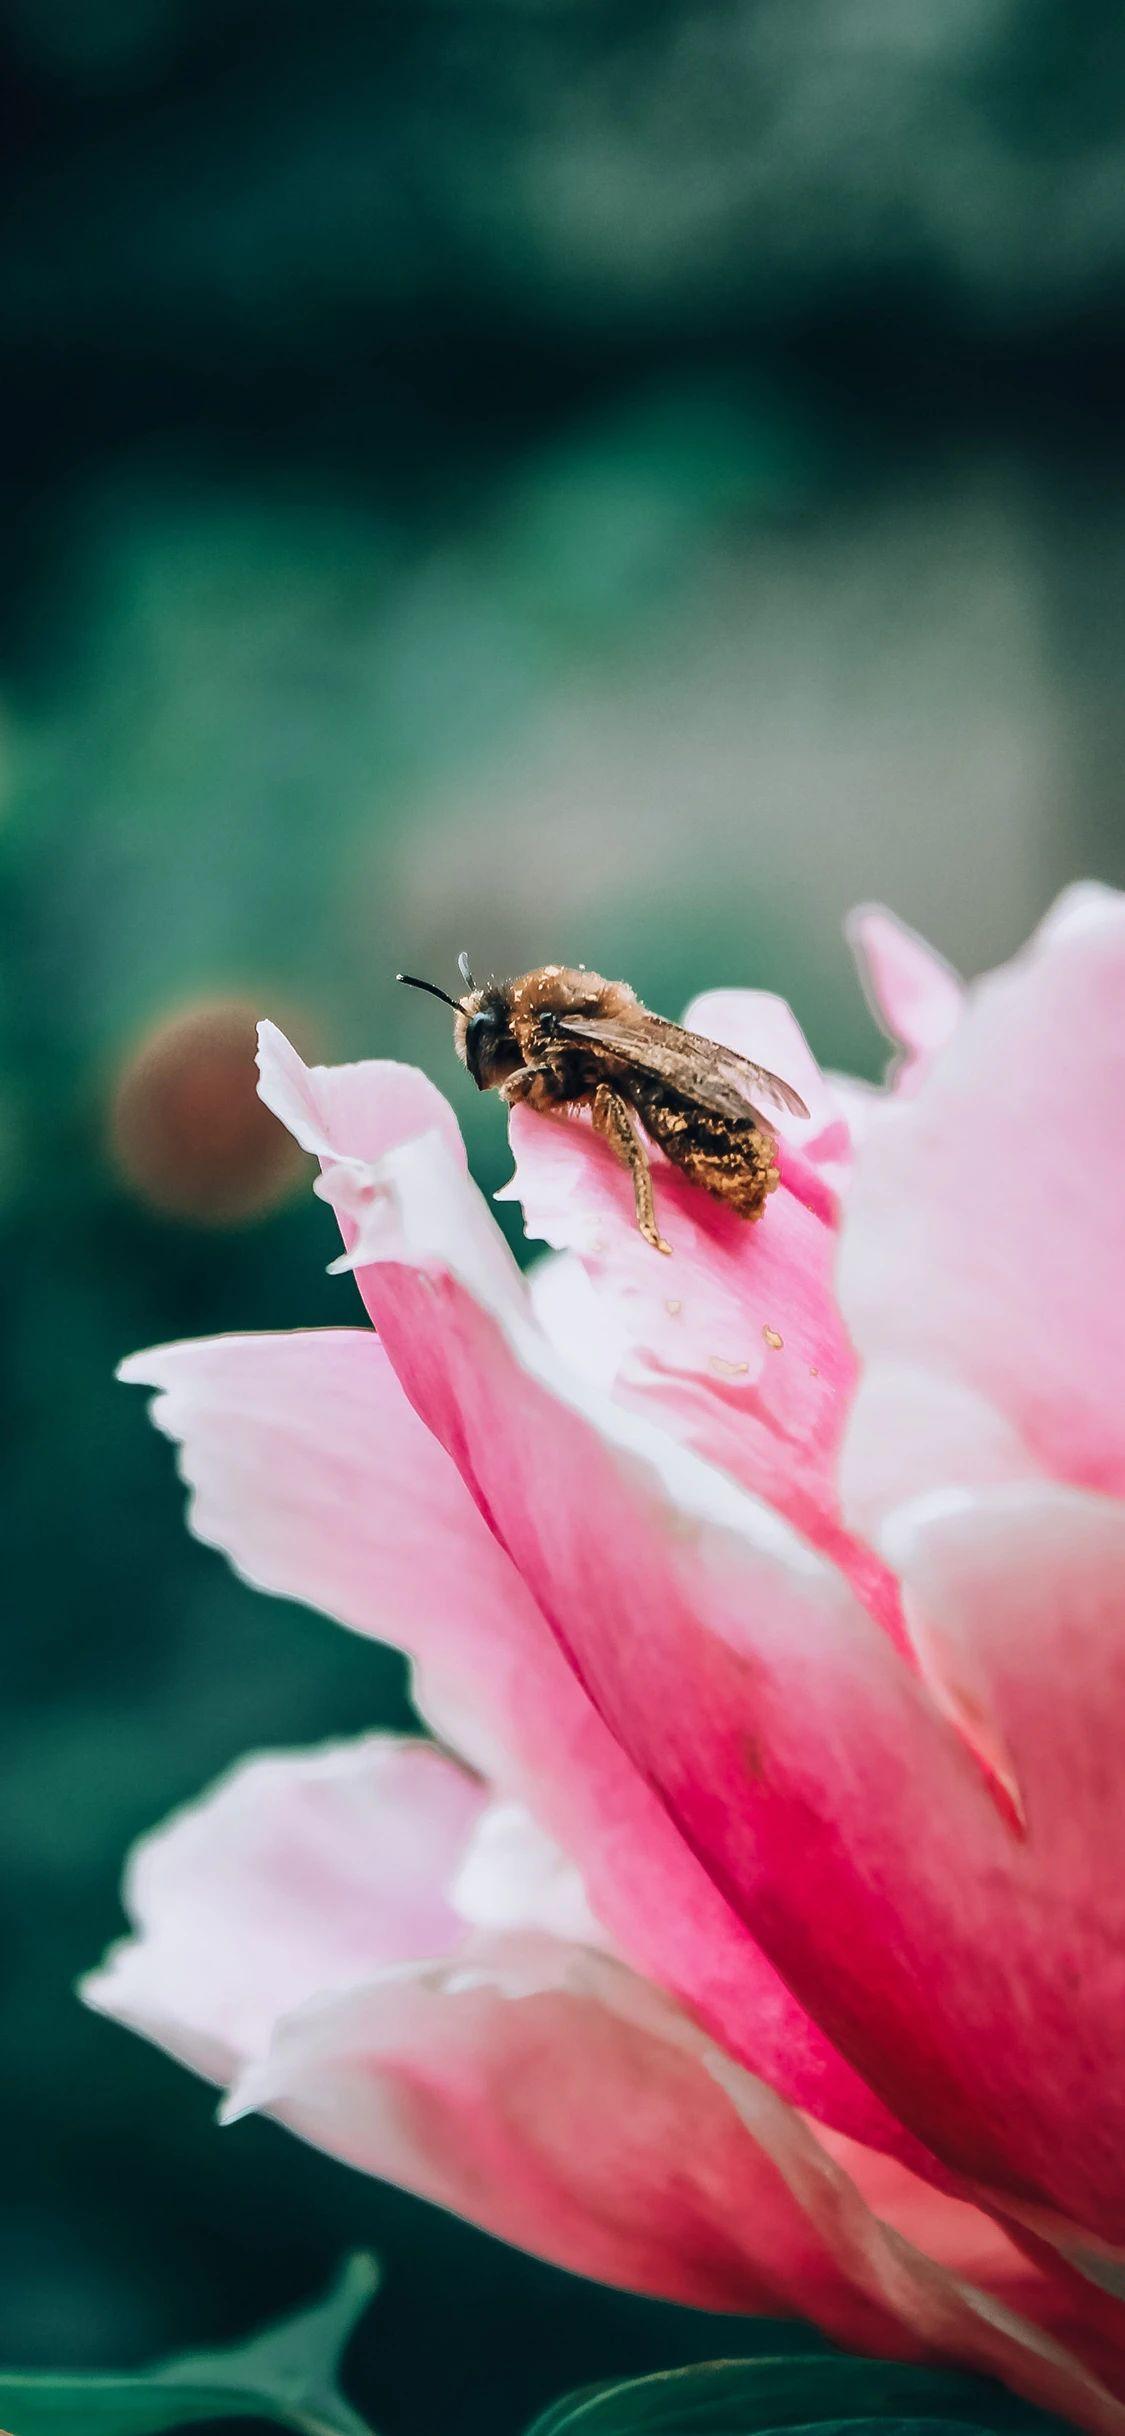 手机壁纸:蜜蜂、瓢虫、花插图1